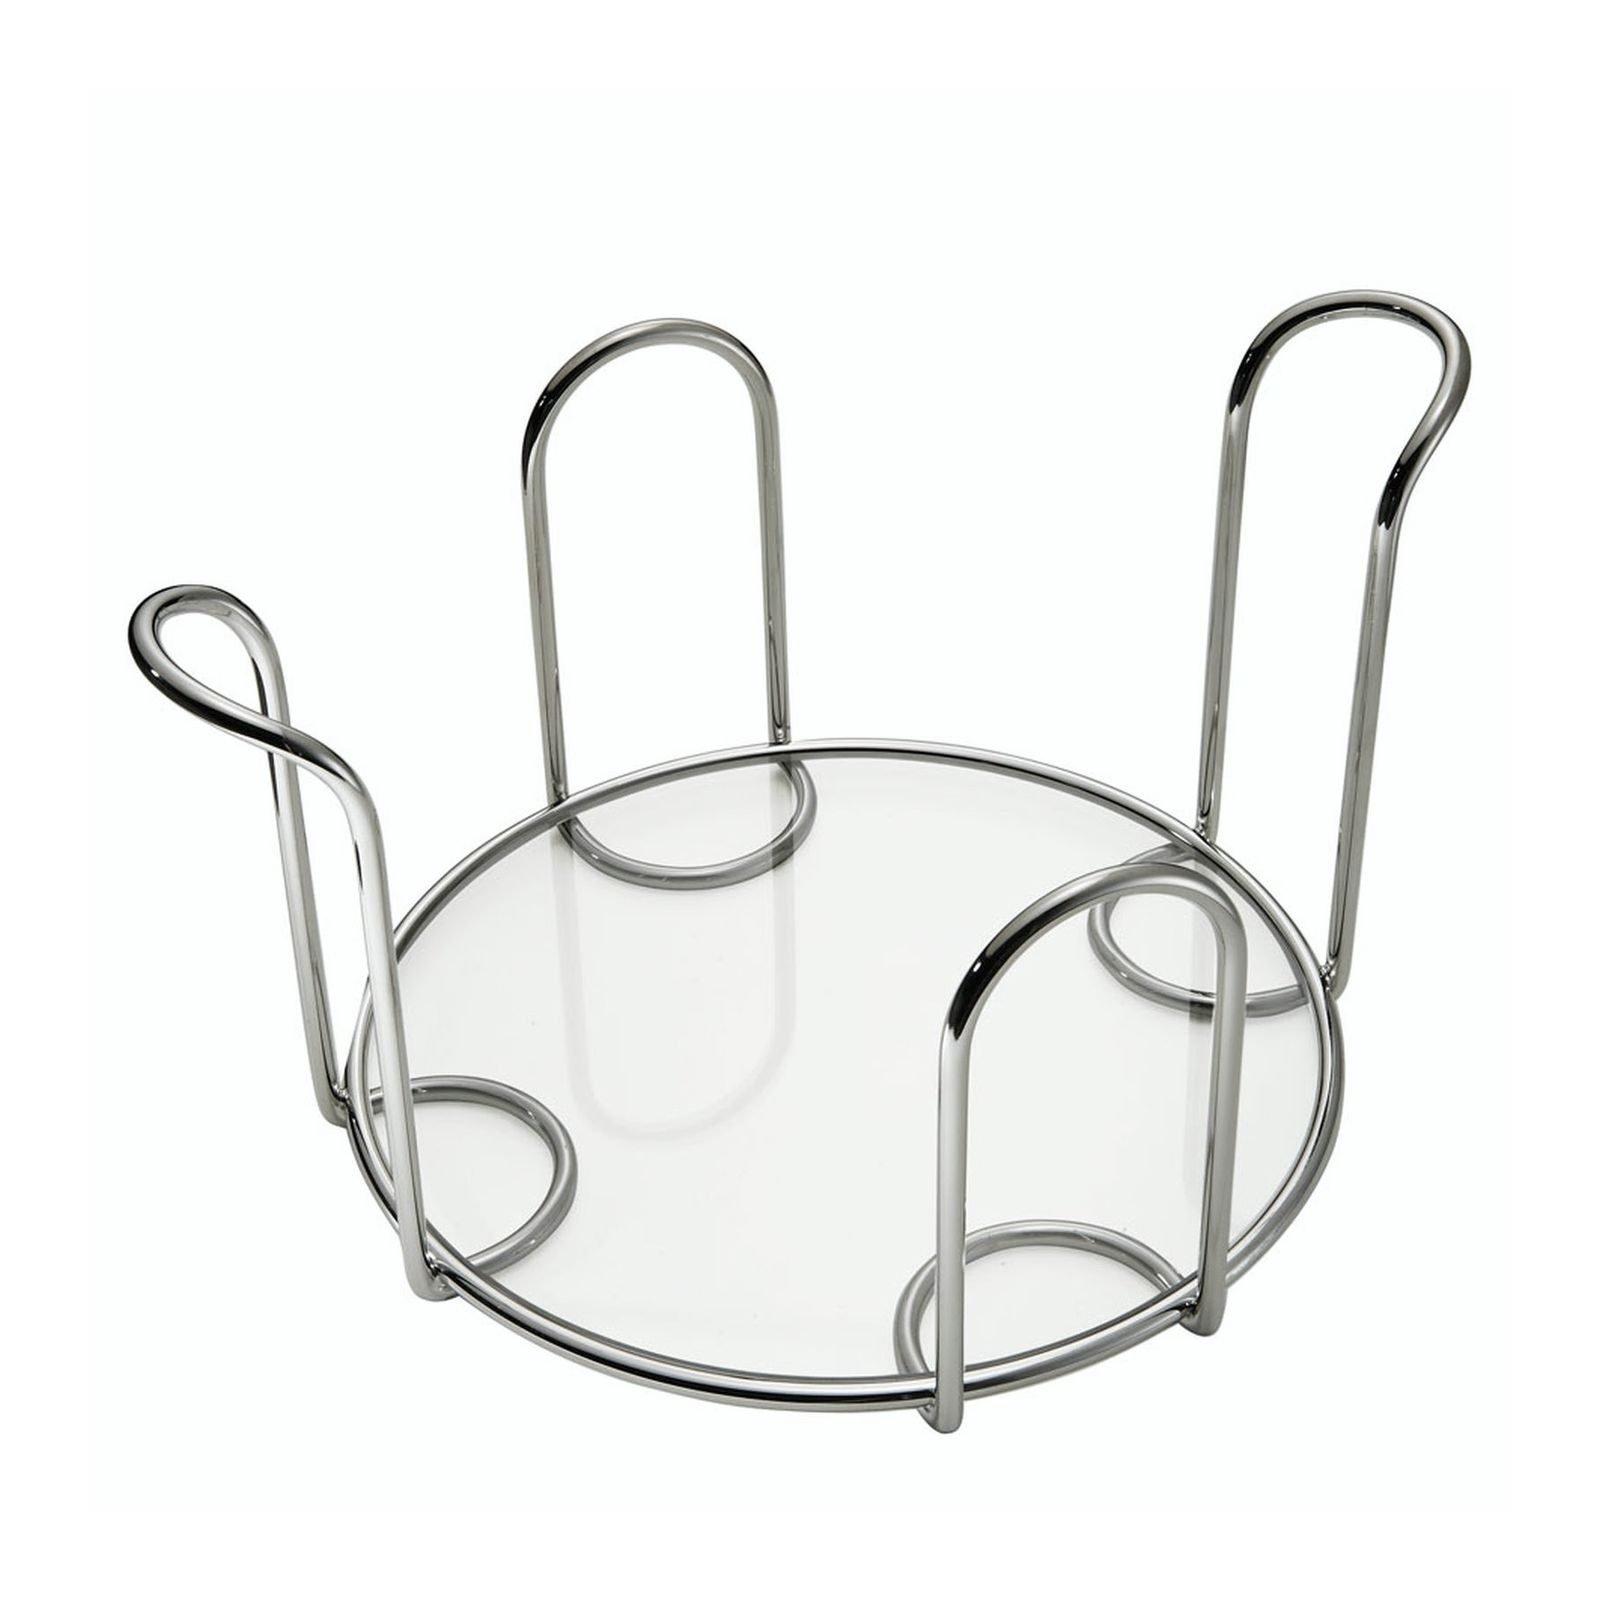 Porta-piatti-in-metallo-della-collezione-Binario